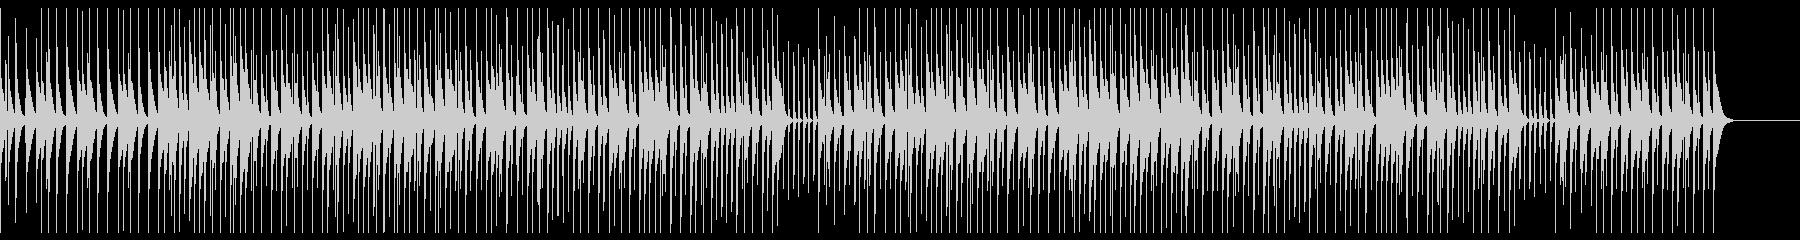 わくわく・ほんわか日常BGM(マリンバ)の未再生の波形